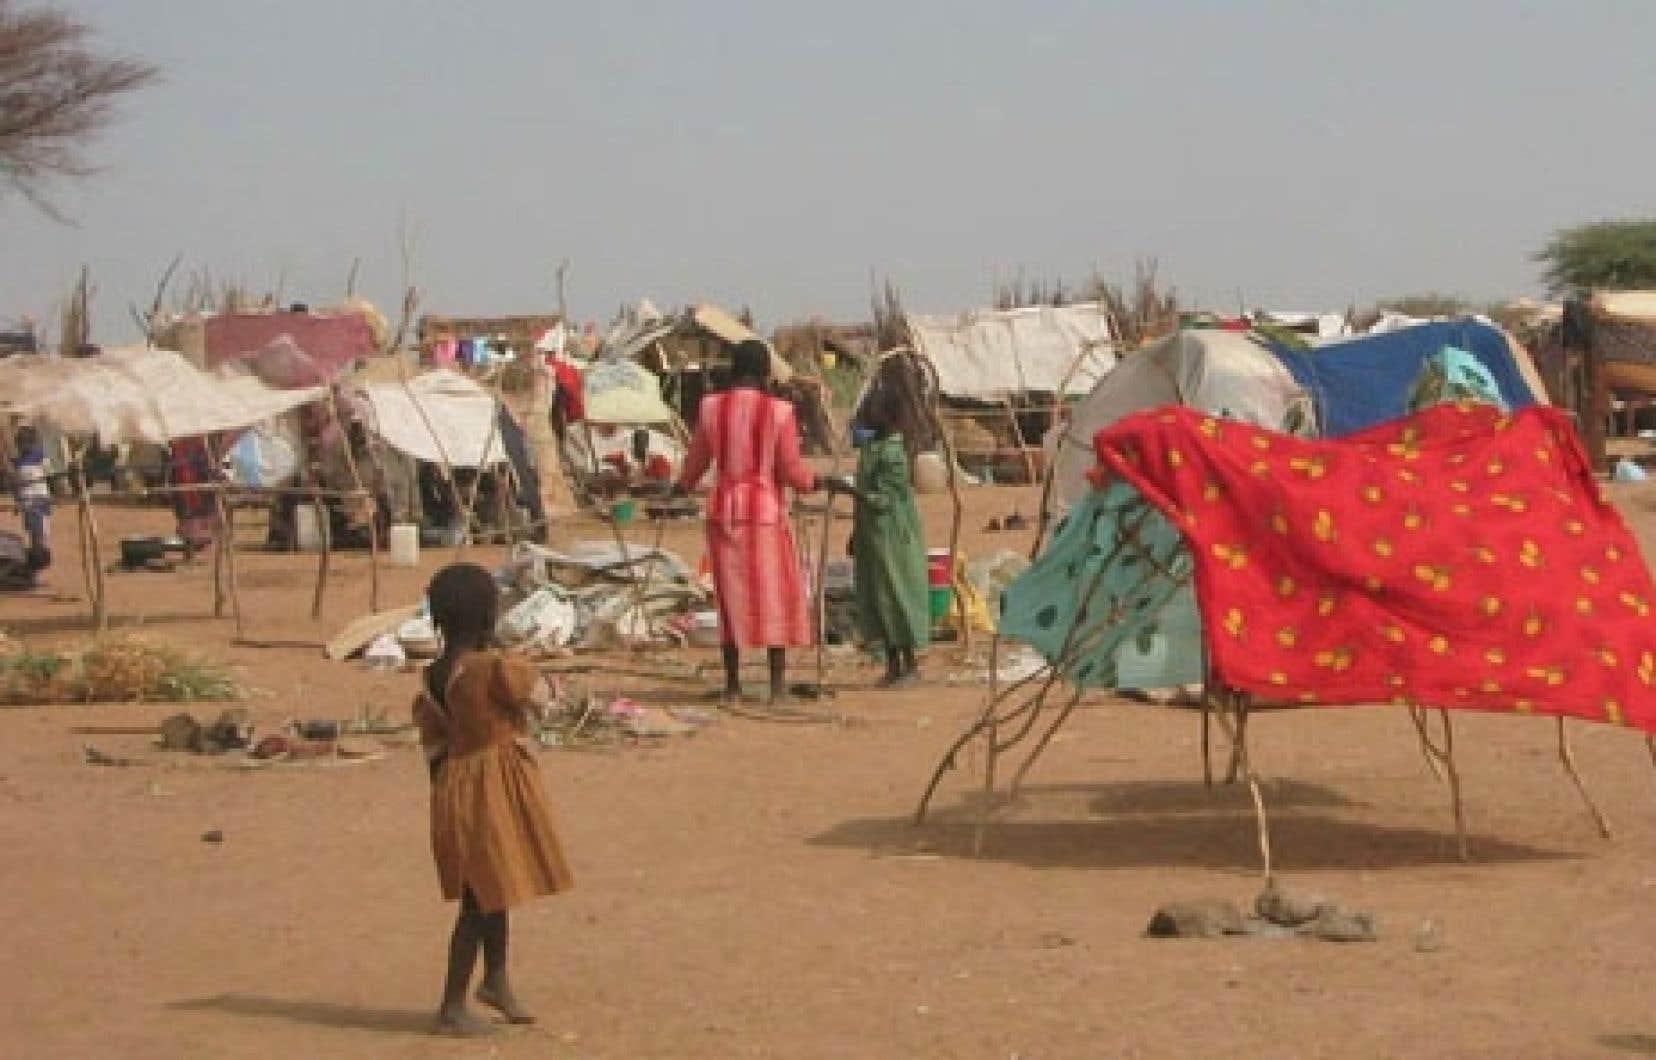 On arrive à un total de quatre millions de déracinés pendant le conflit au Soudan. Ce chiffre équivaut presque au nombre de Syriens se trouvant dans la même situation.